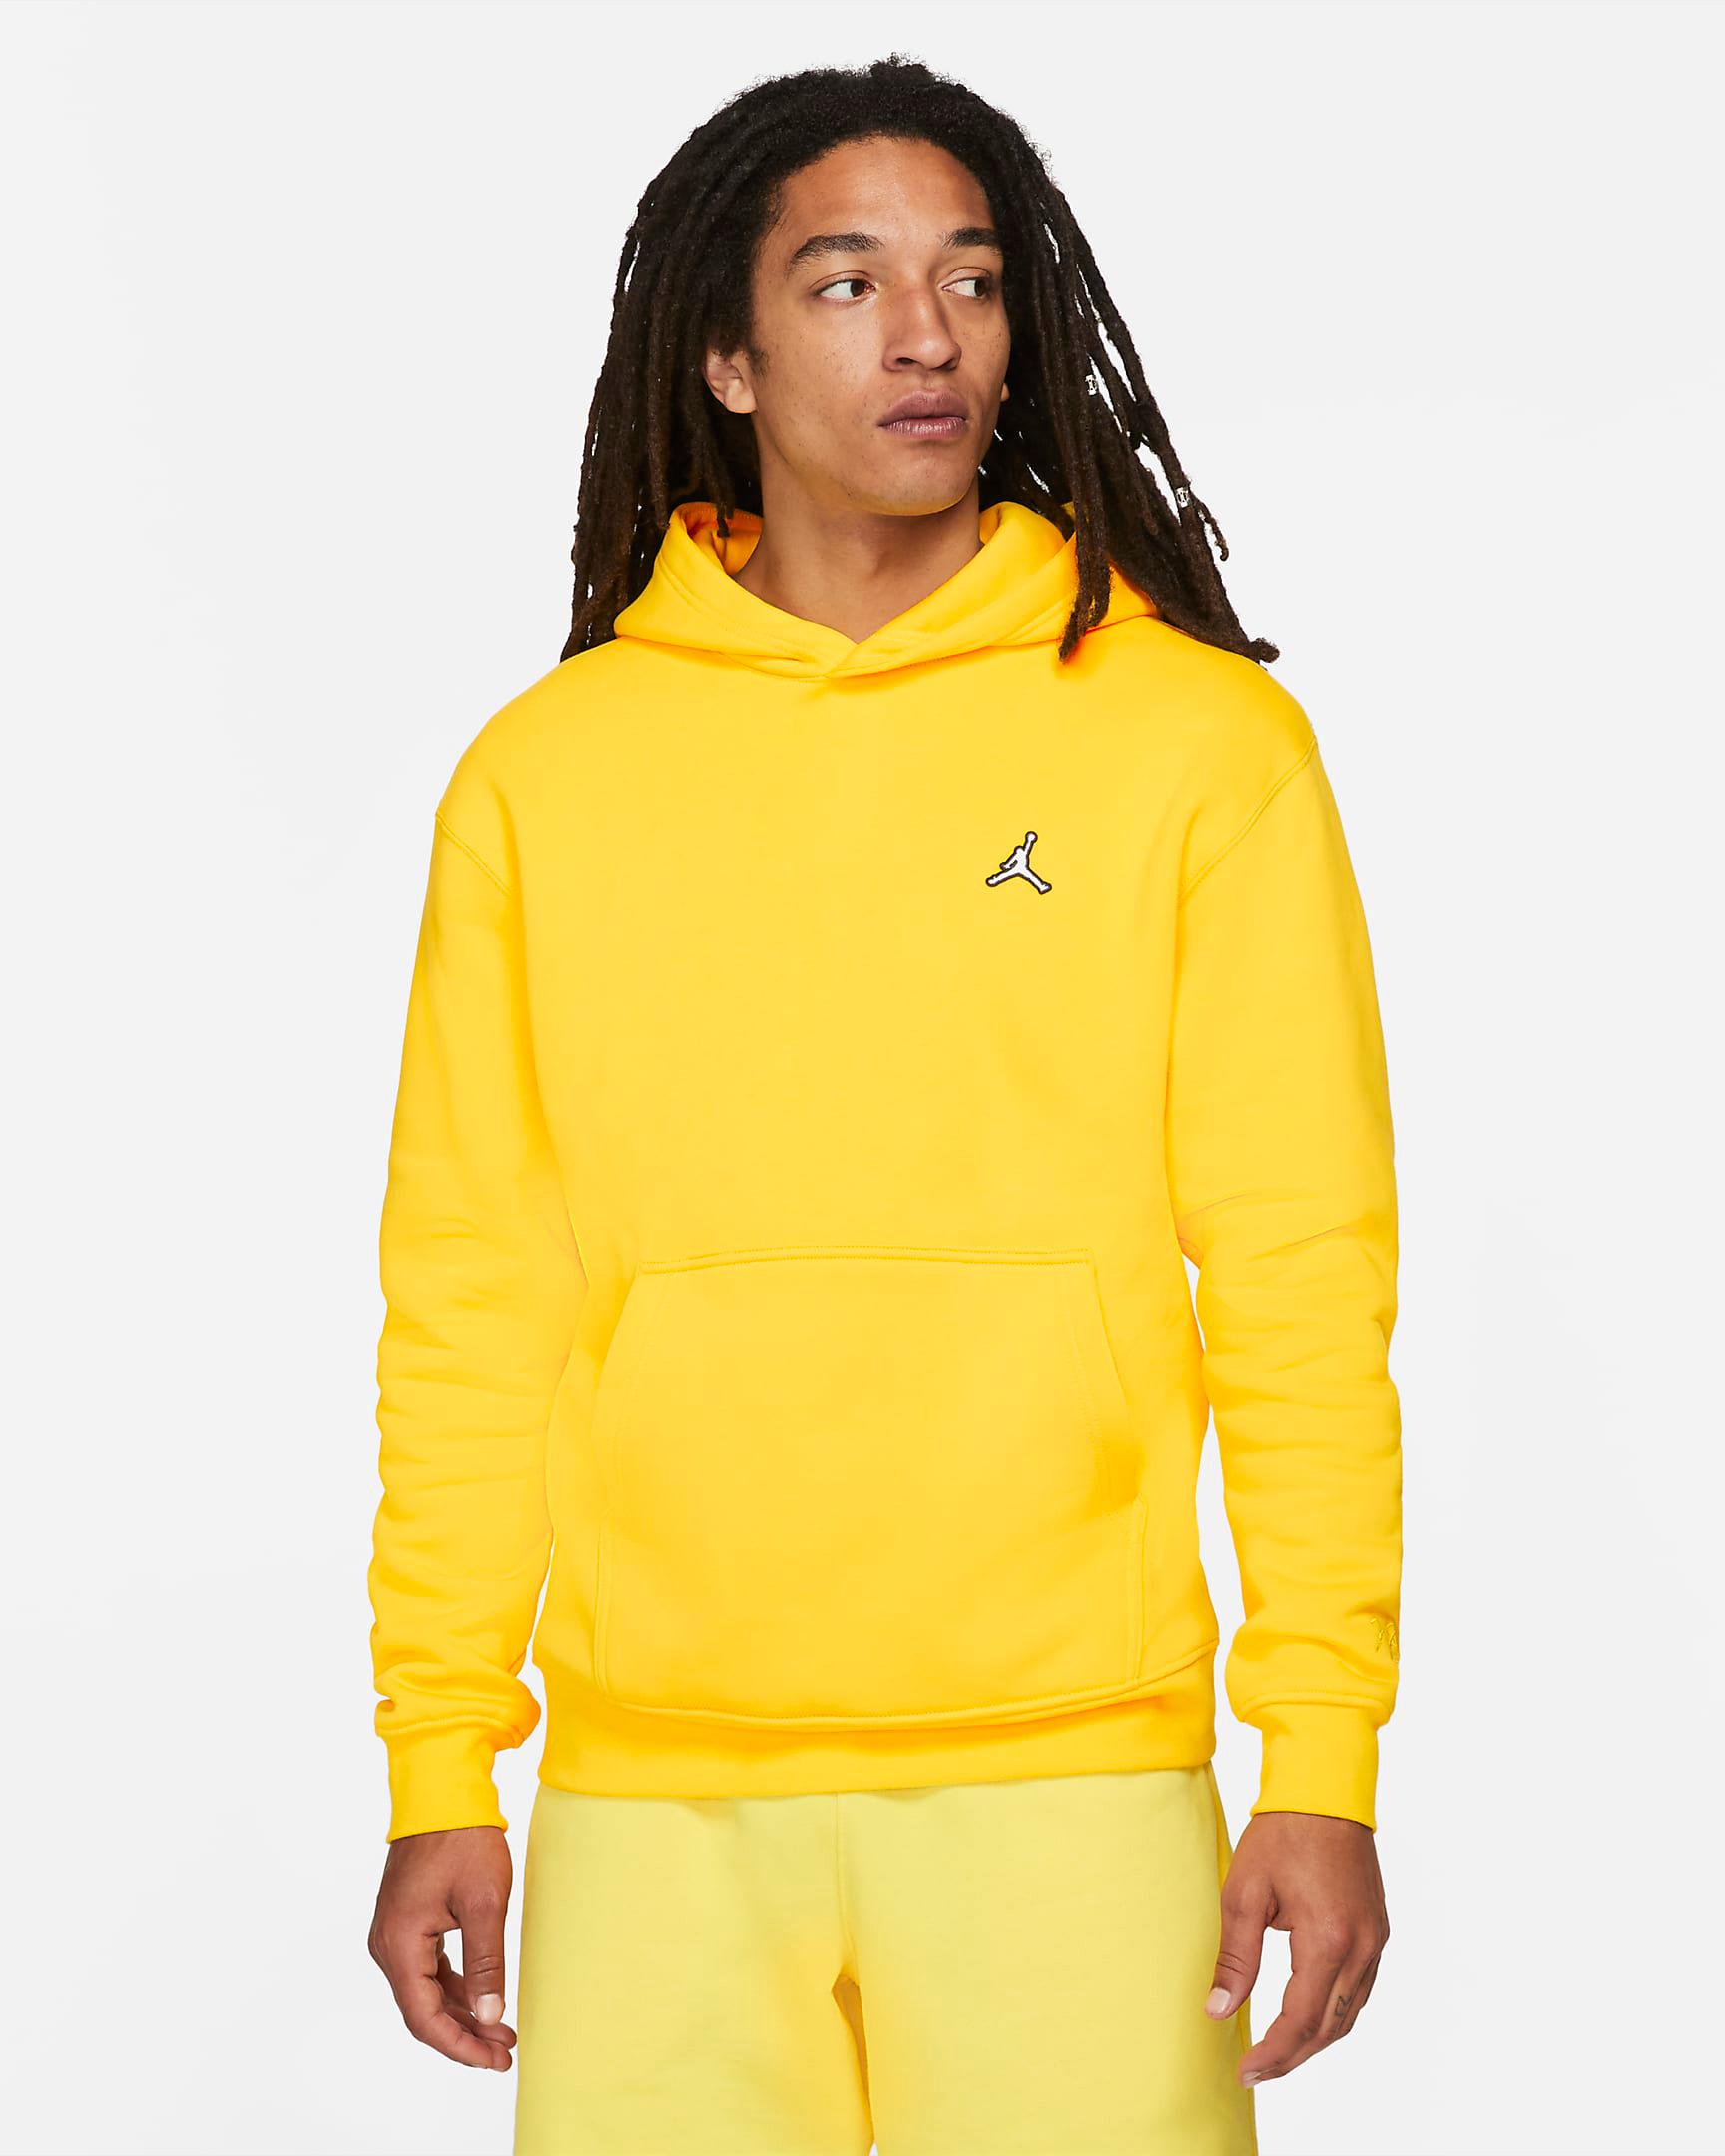 jordan-4-lightning-2021-tour-yellow-hoodie-1